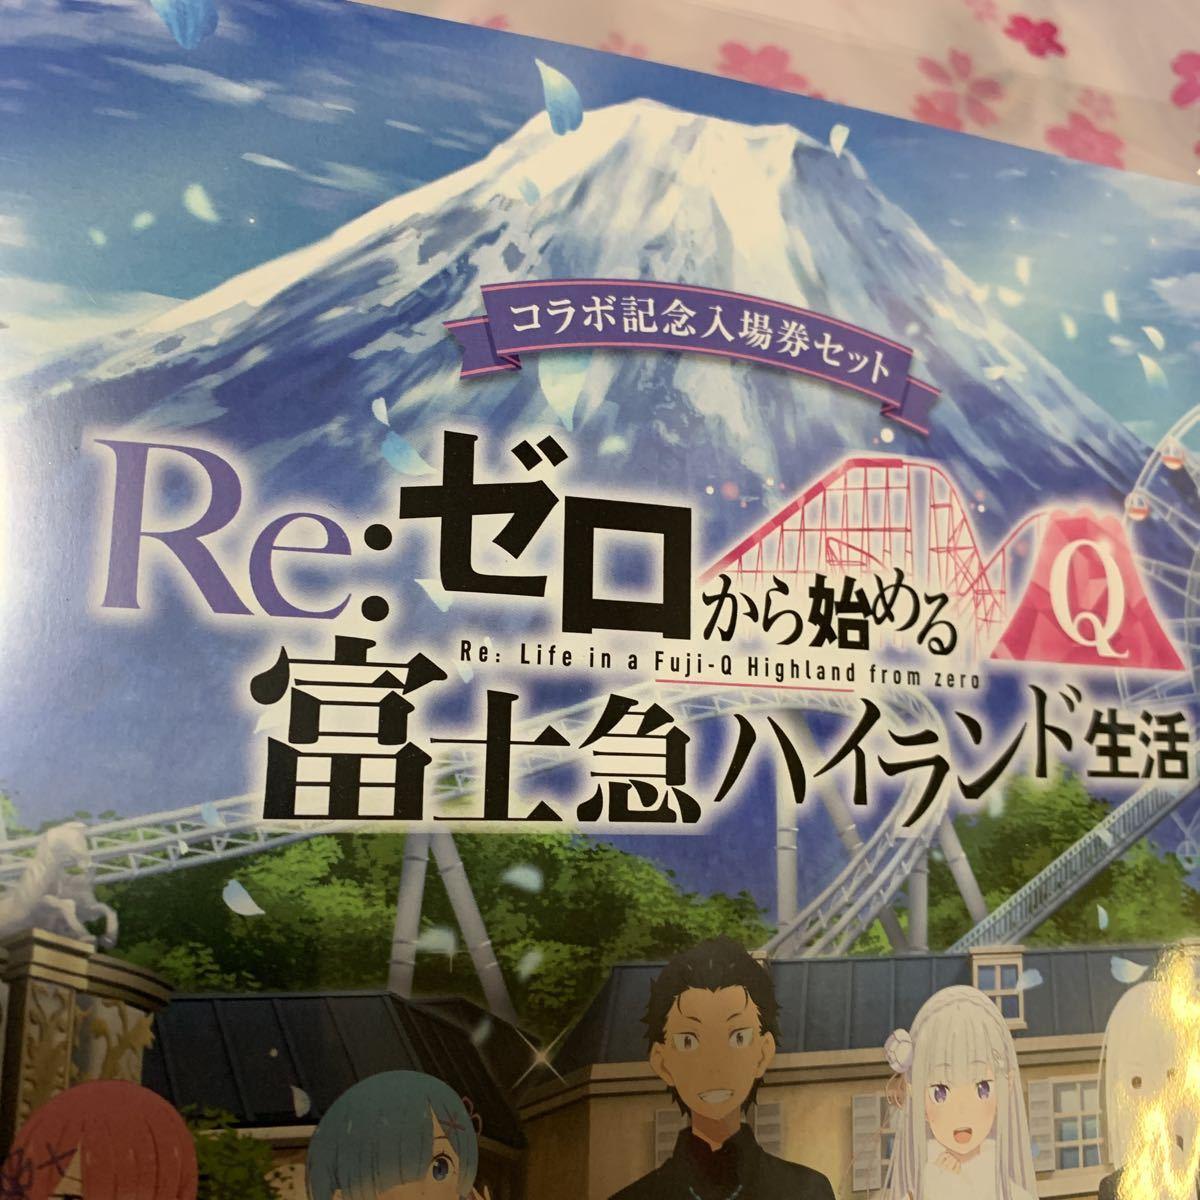 ゼロから 始める 富士急 ハイランド 生活 コラボ記念入場券セット_画像2